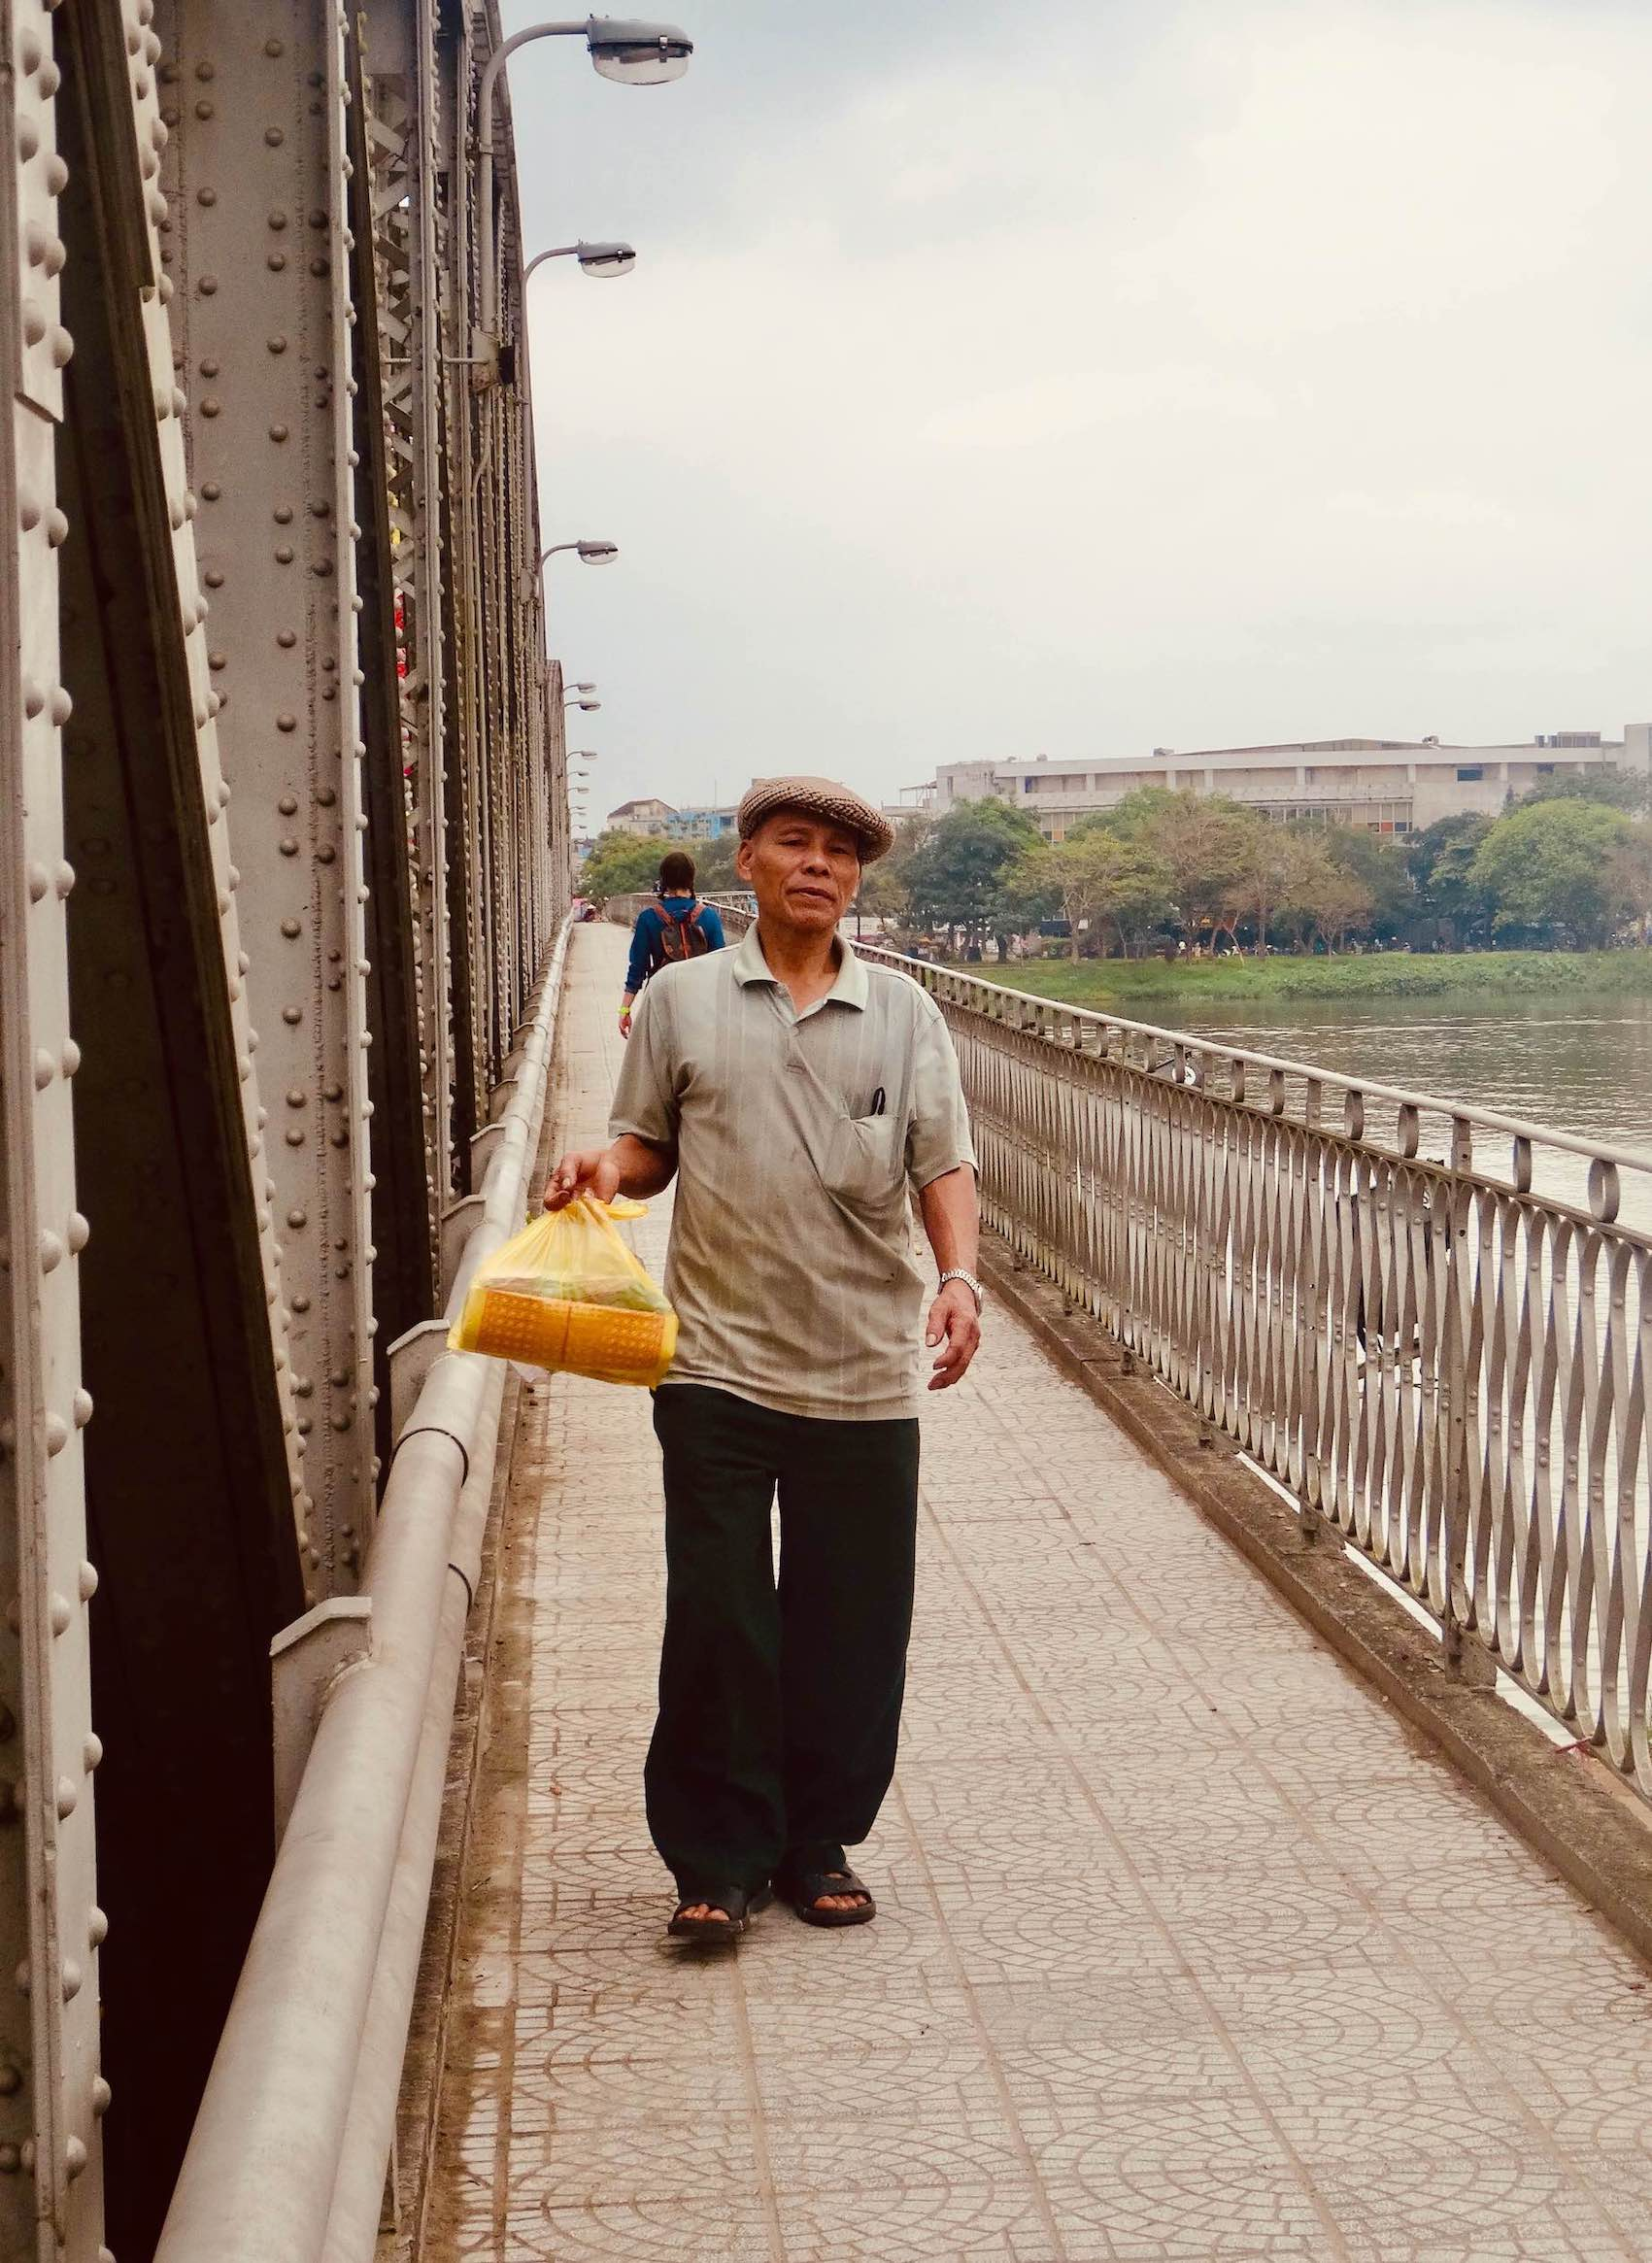 Local man crossing Truong Tien Bridge in Hue